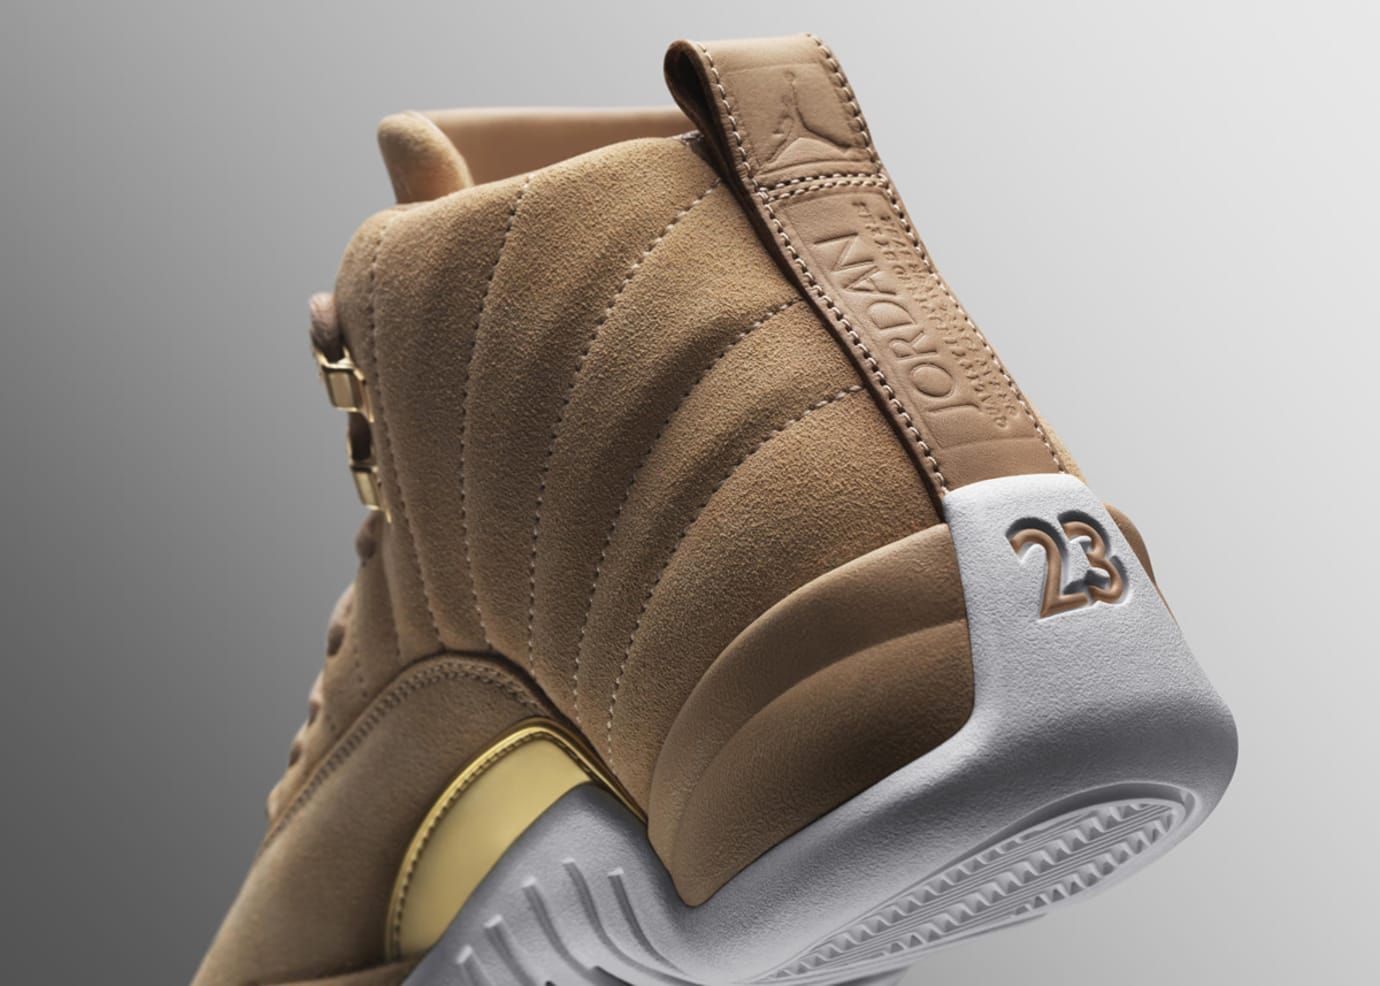 525a3d4eaca552 Image via Nike News · Vachetta Tan Air Jordan 12 Heel